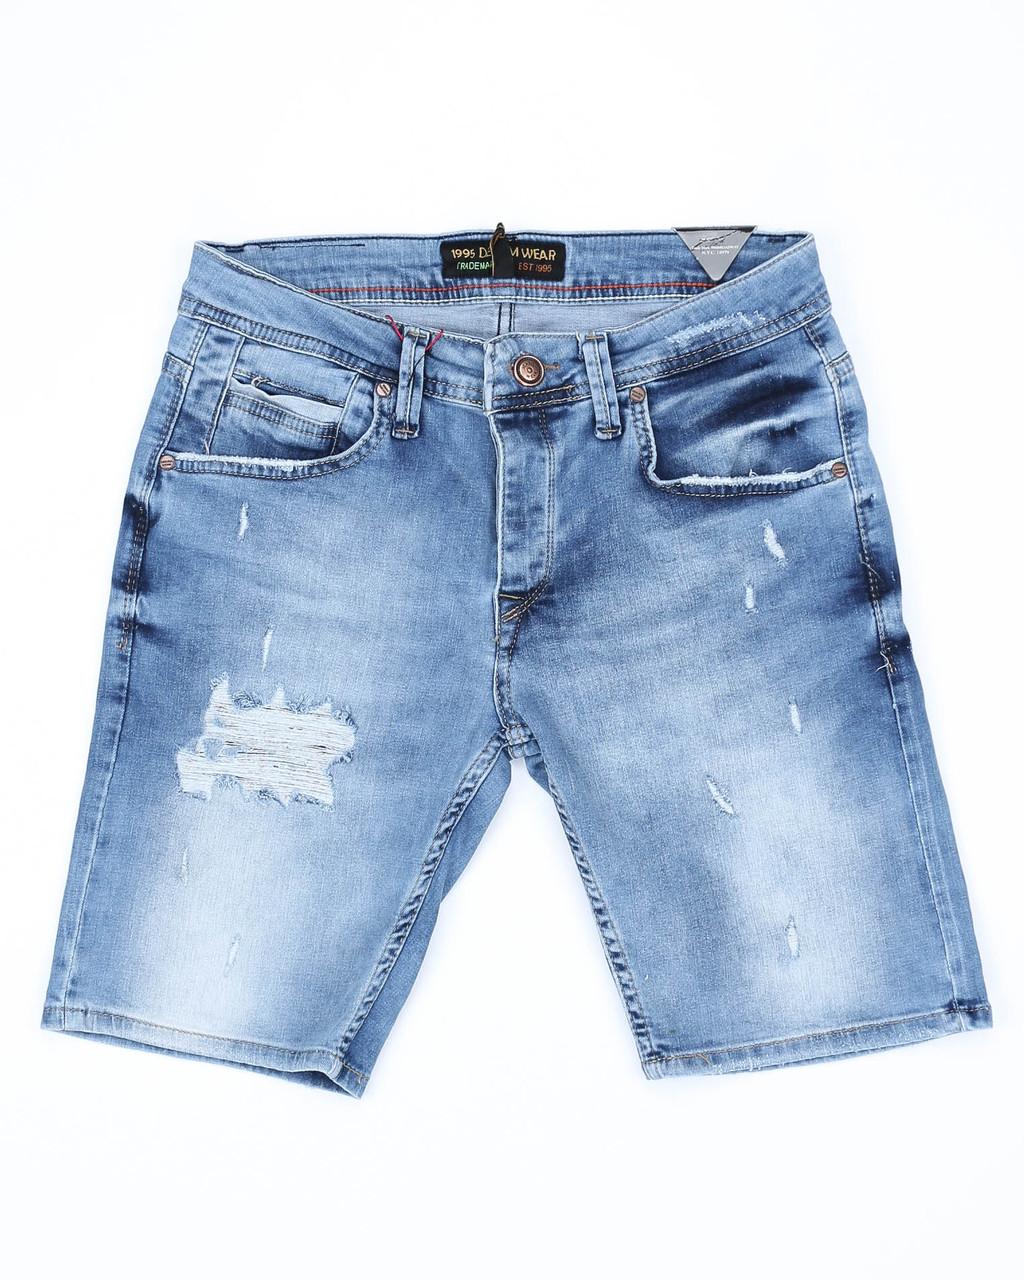 Шорты джинс MARIO рваные 29(Р) 0128